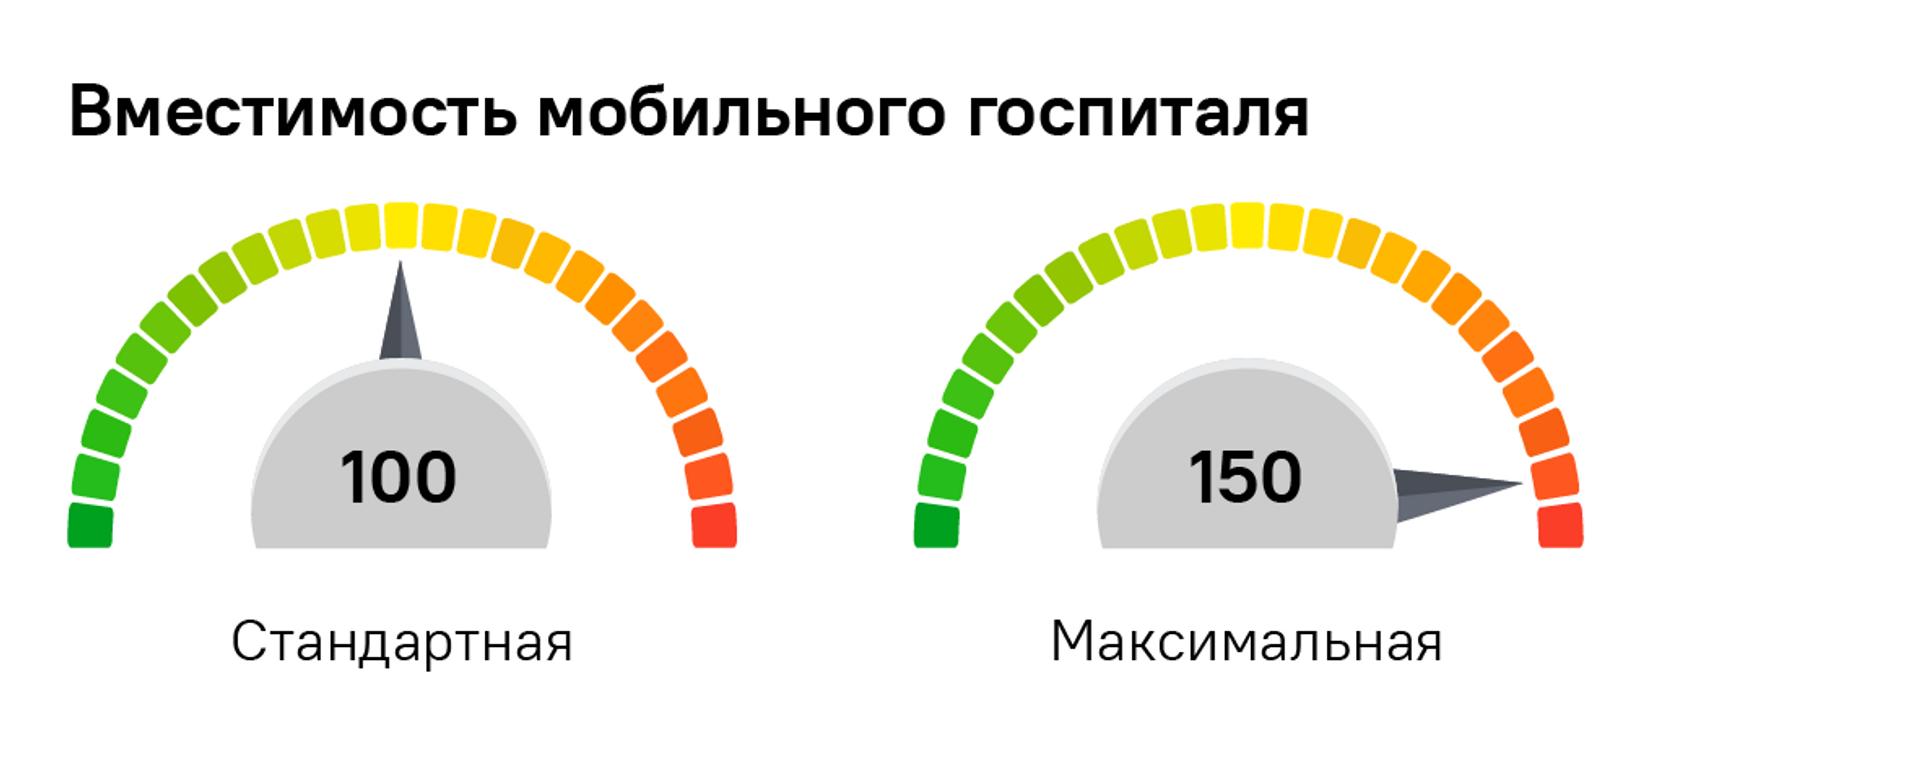 Схема мобильного госпиталя Минобороны России в Абхазии  - Sputnik Абхазия, 1920, 21.08.2021